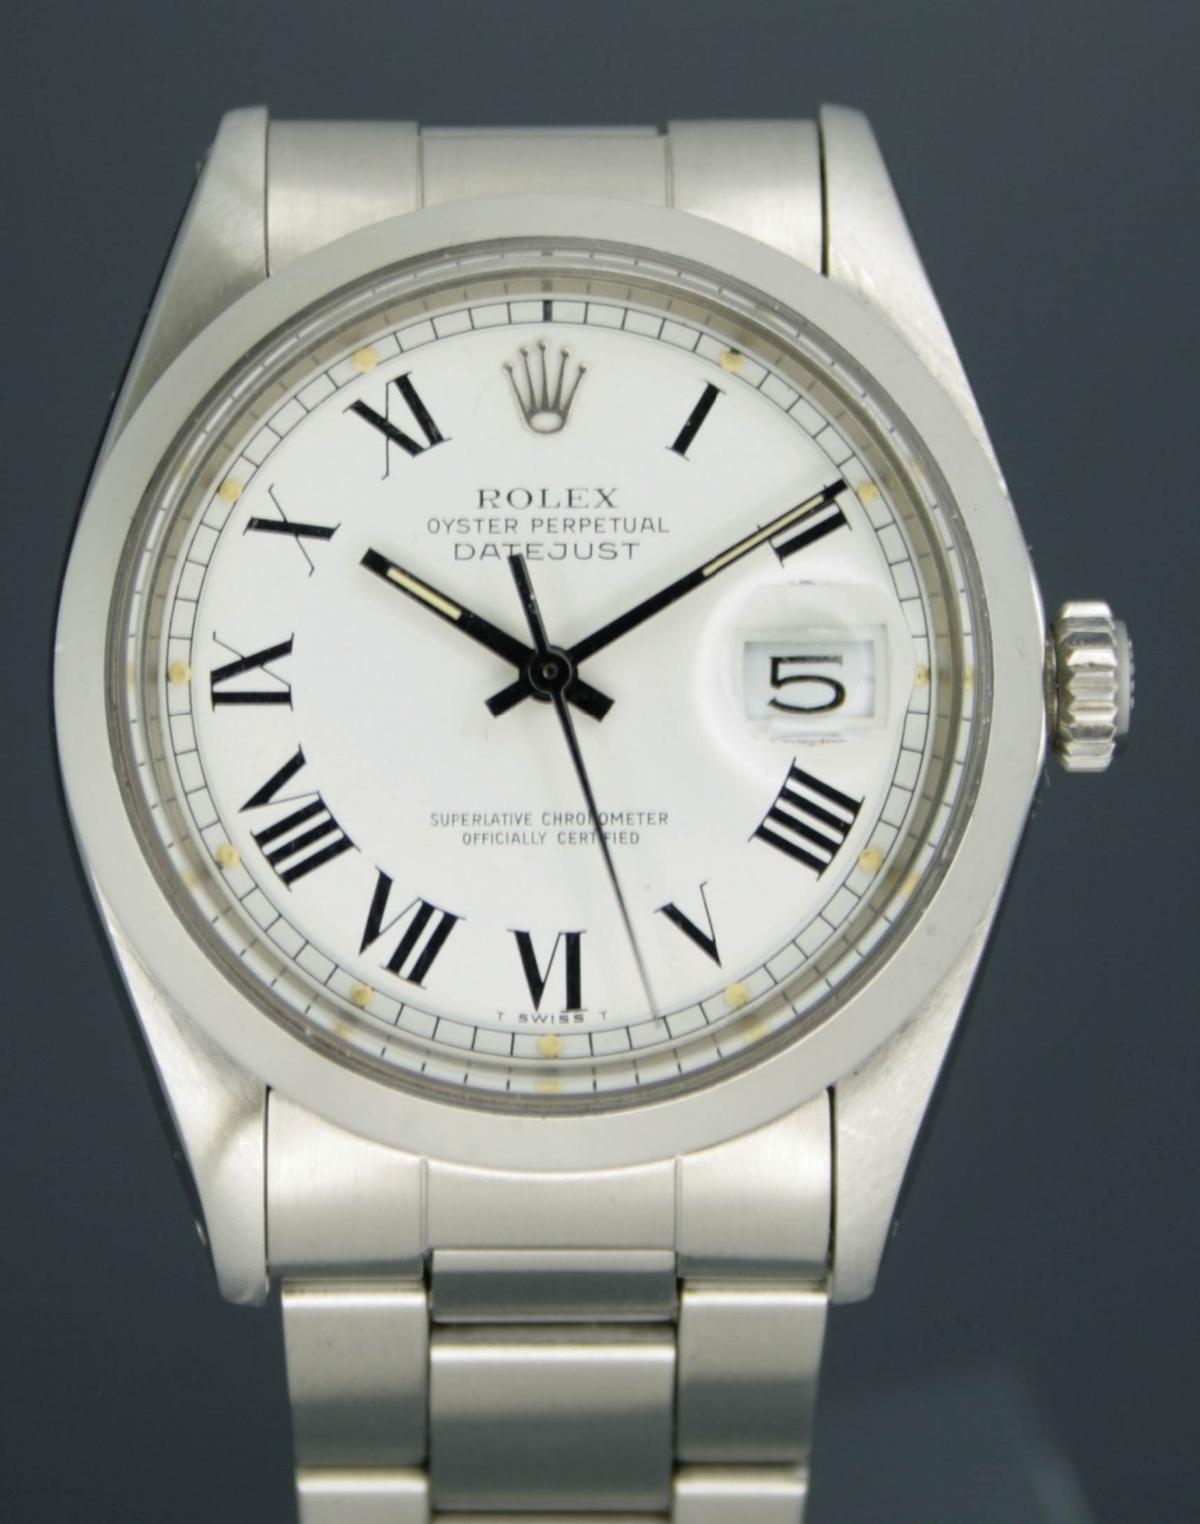 Rolex Datejust Ref. 1600